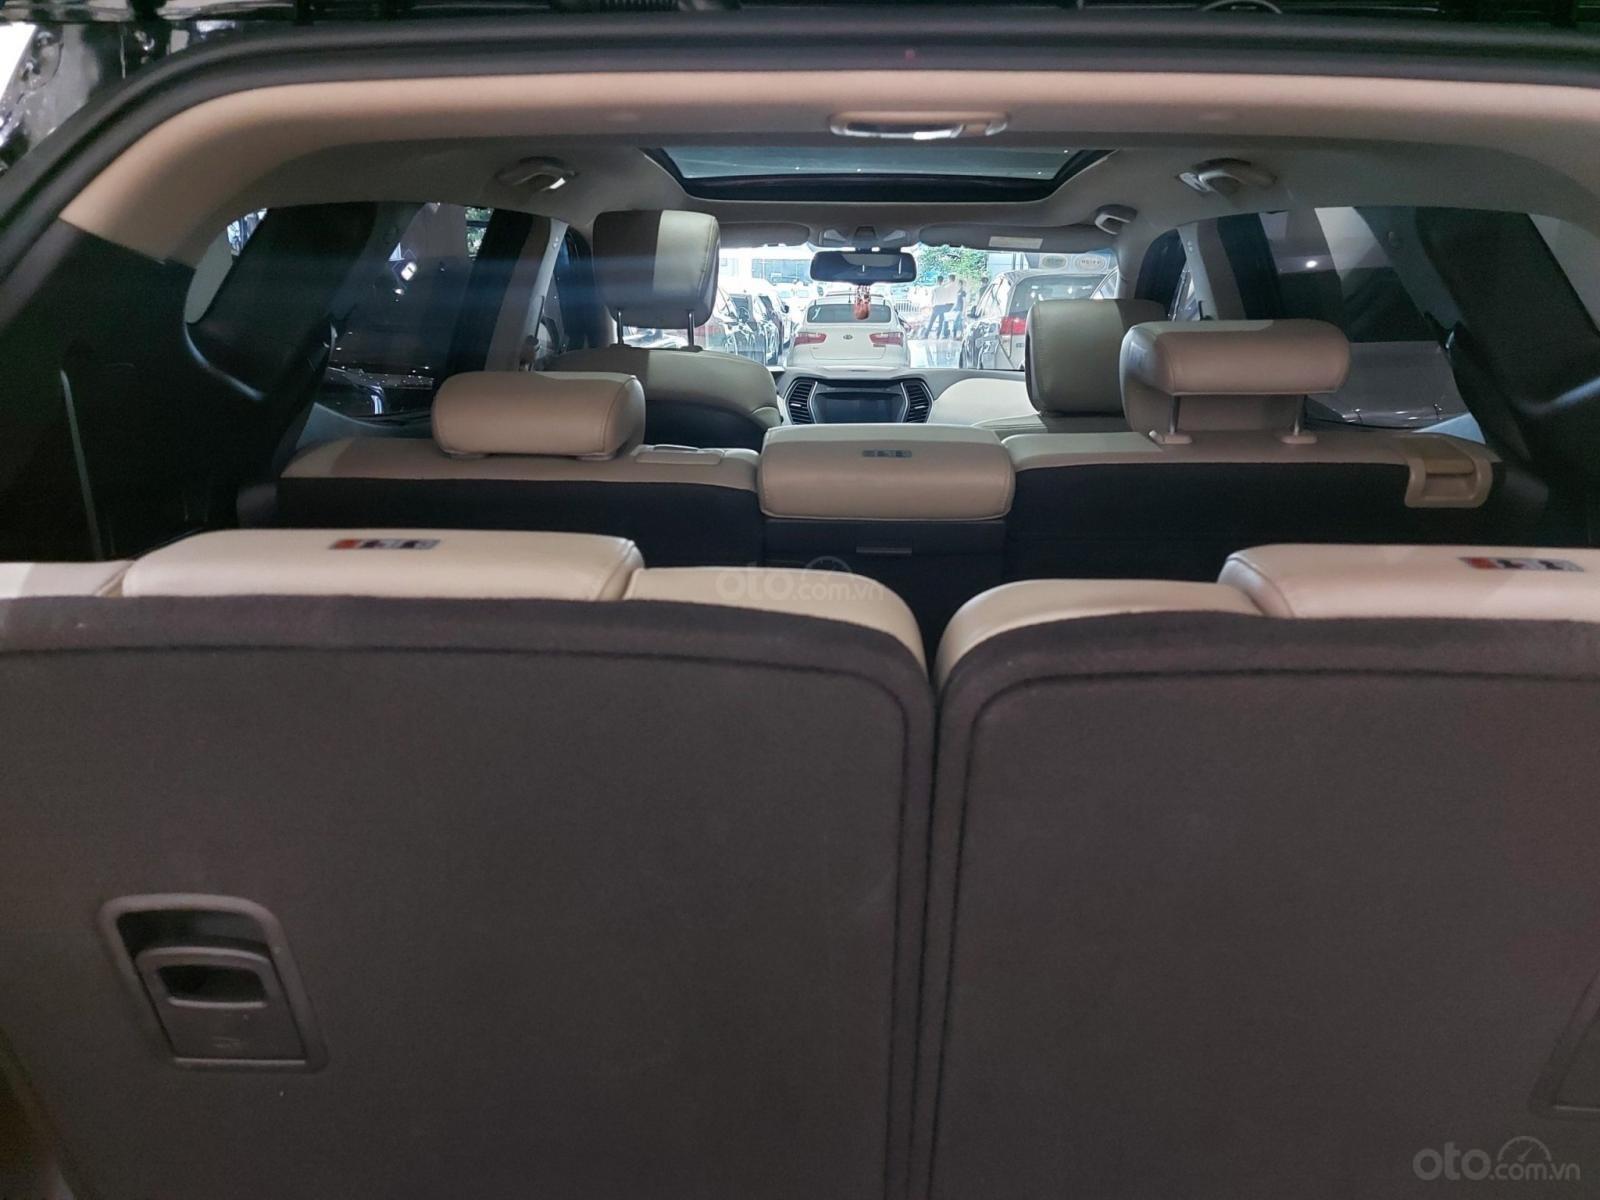 Bán Hyundai Santa Fe 2.2 AT 2018, máy dầu diesel, biển SG, xe gia đình sử dụng, odo 30.000km, thương lượng khách thiện chí (11)